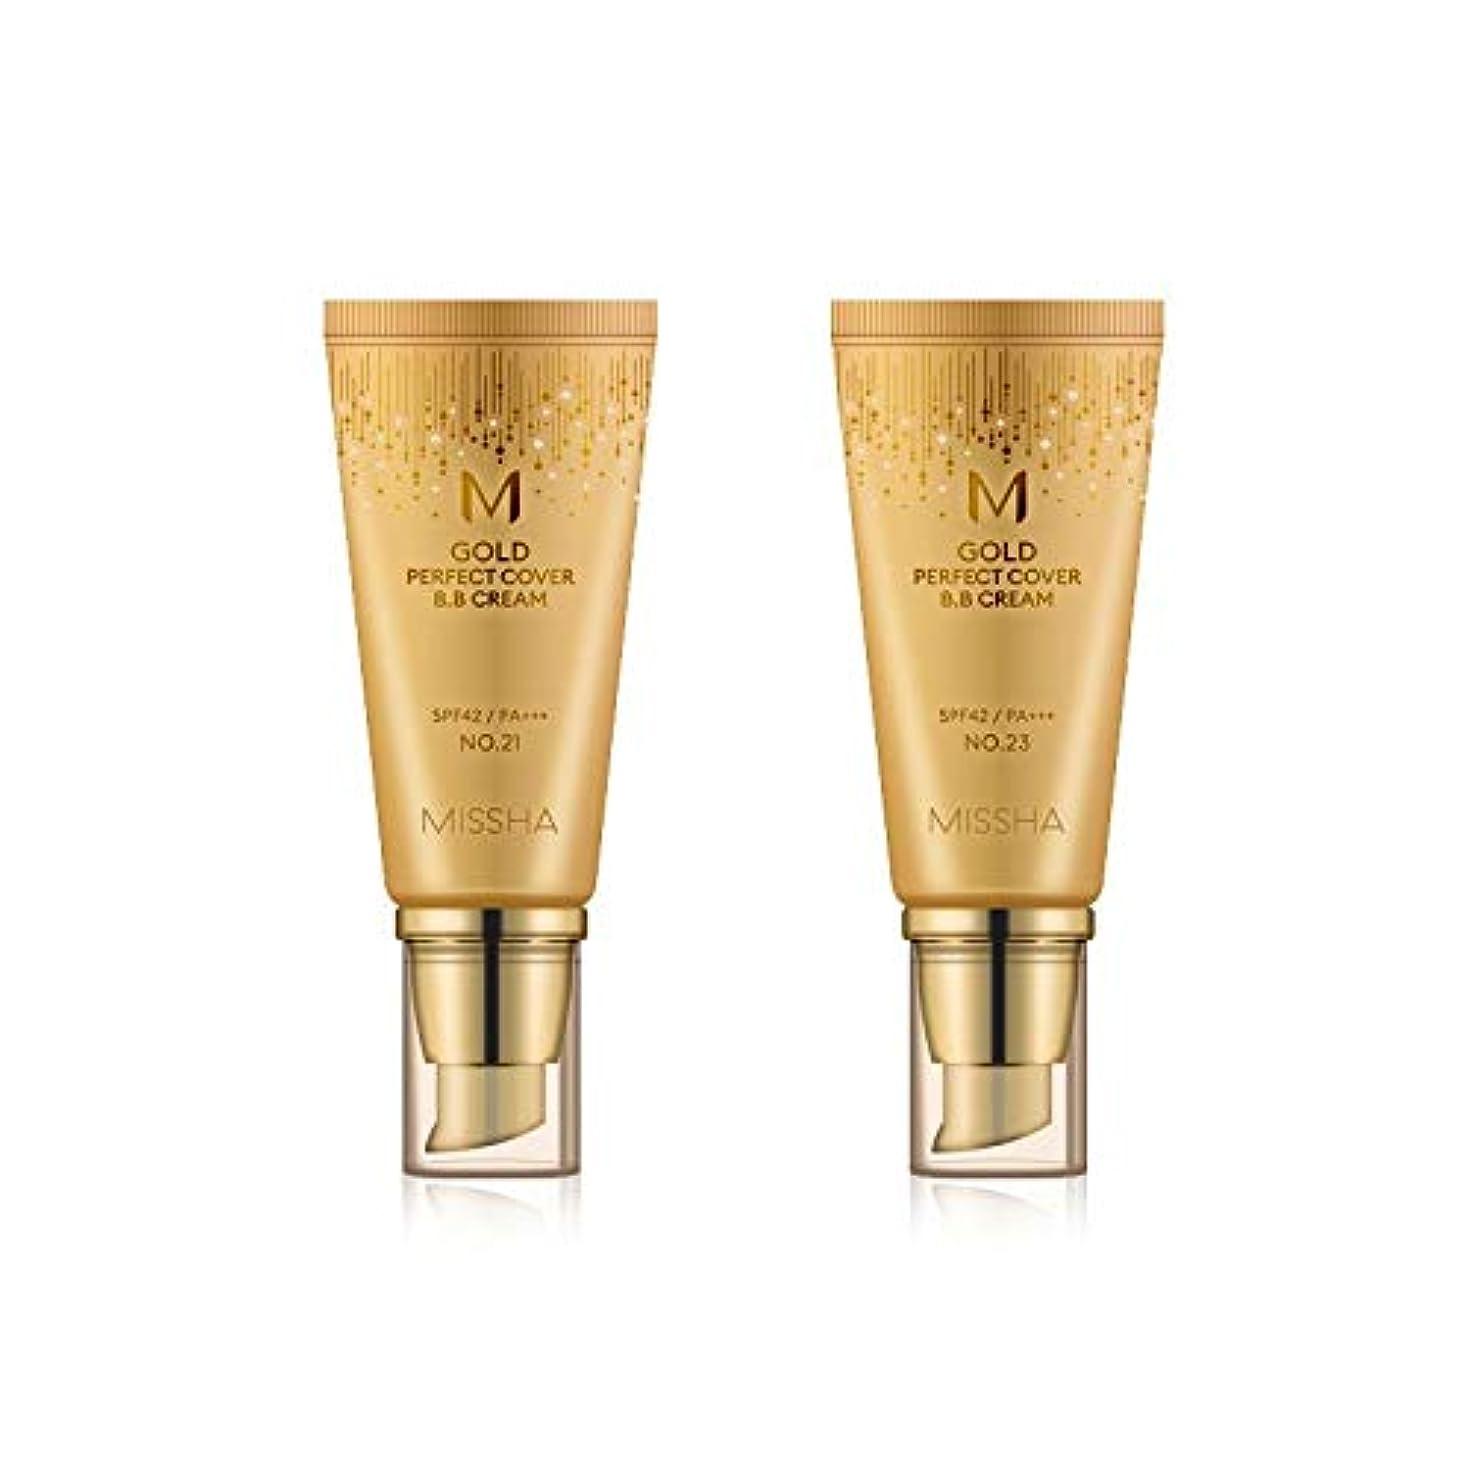 大人参照ハウジングMISSHA Gold Perfecte Cover BB Cream SPF42 PA+++ / ミシャ ゴールド パーフェクト カバー BBクリーム 50ml *NO.23 [並行輸入品]